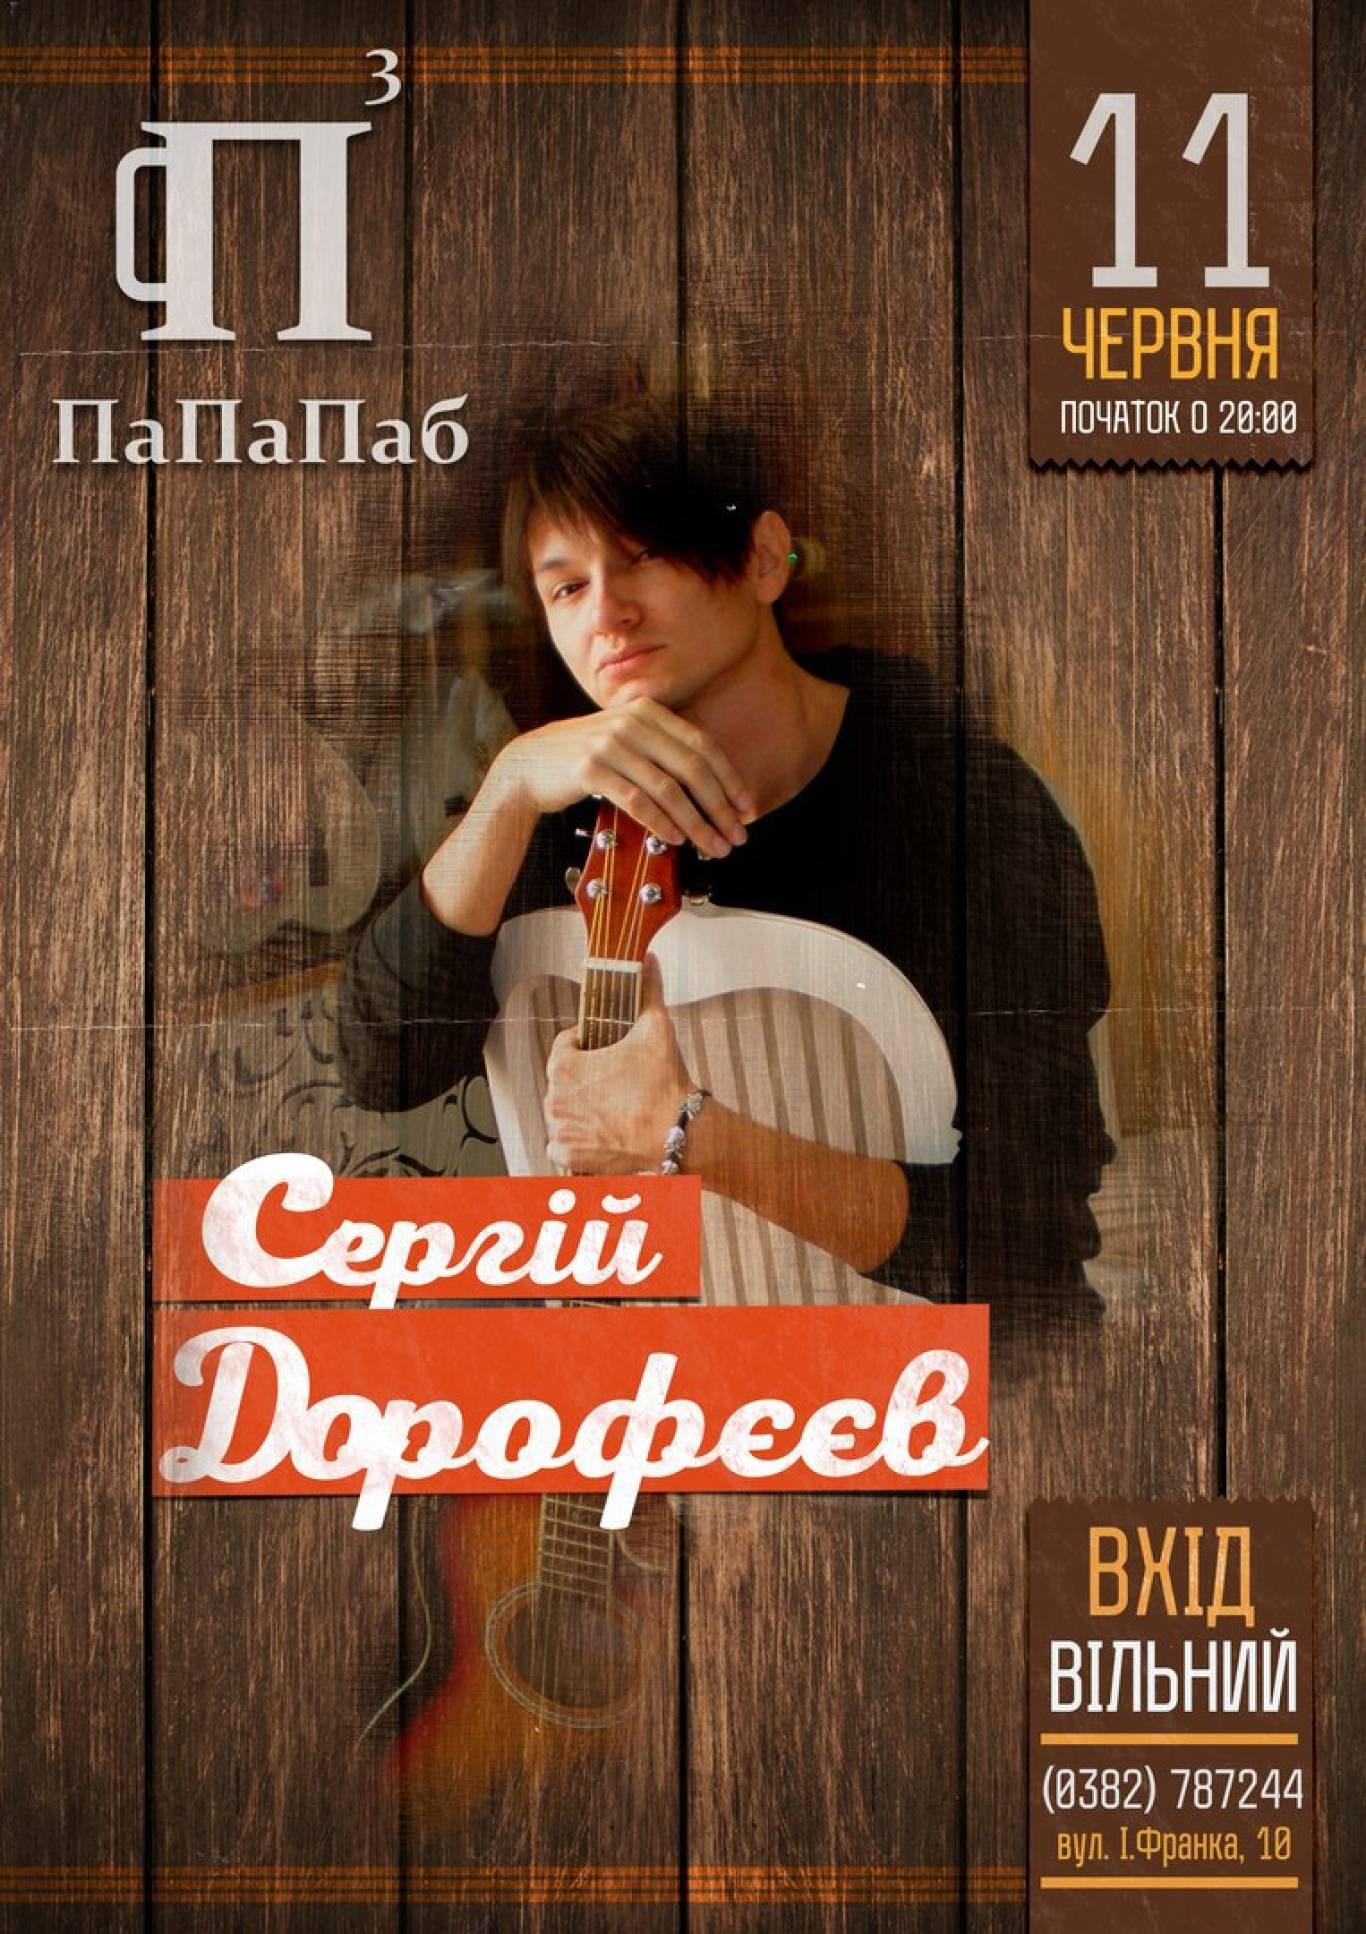 Концерт Сіргія Дорофєєва, ПаПаПаб